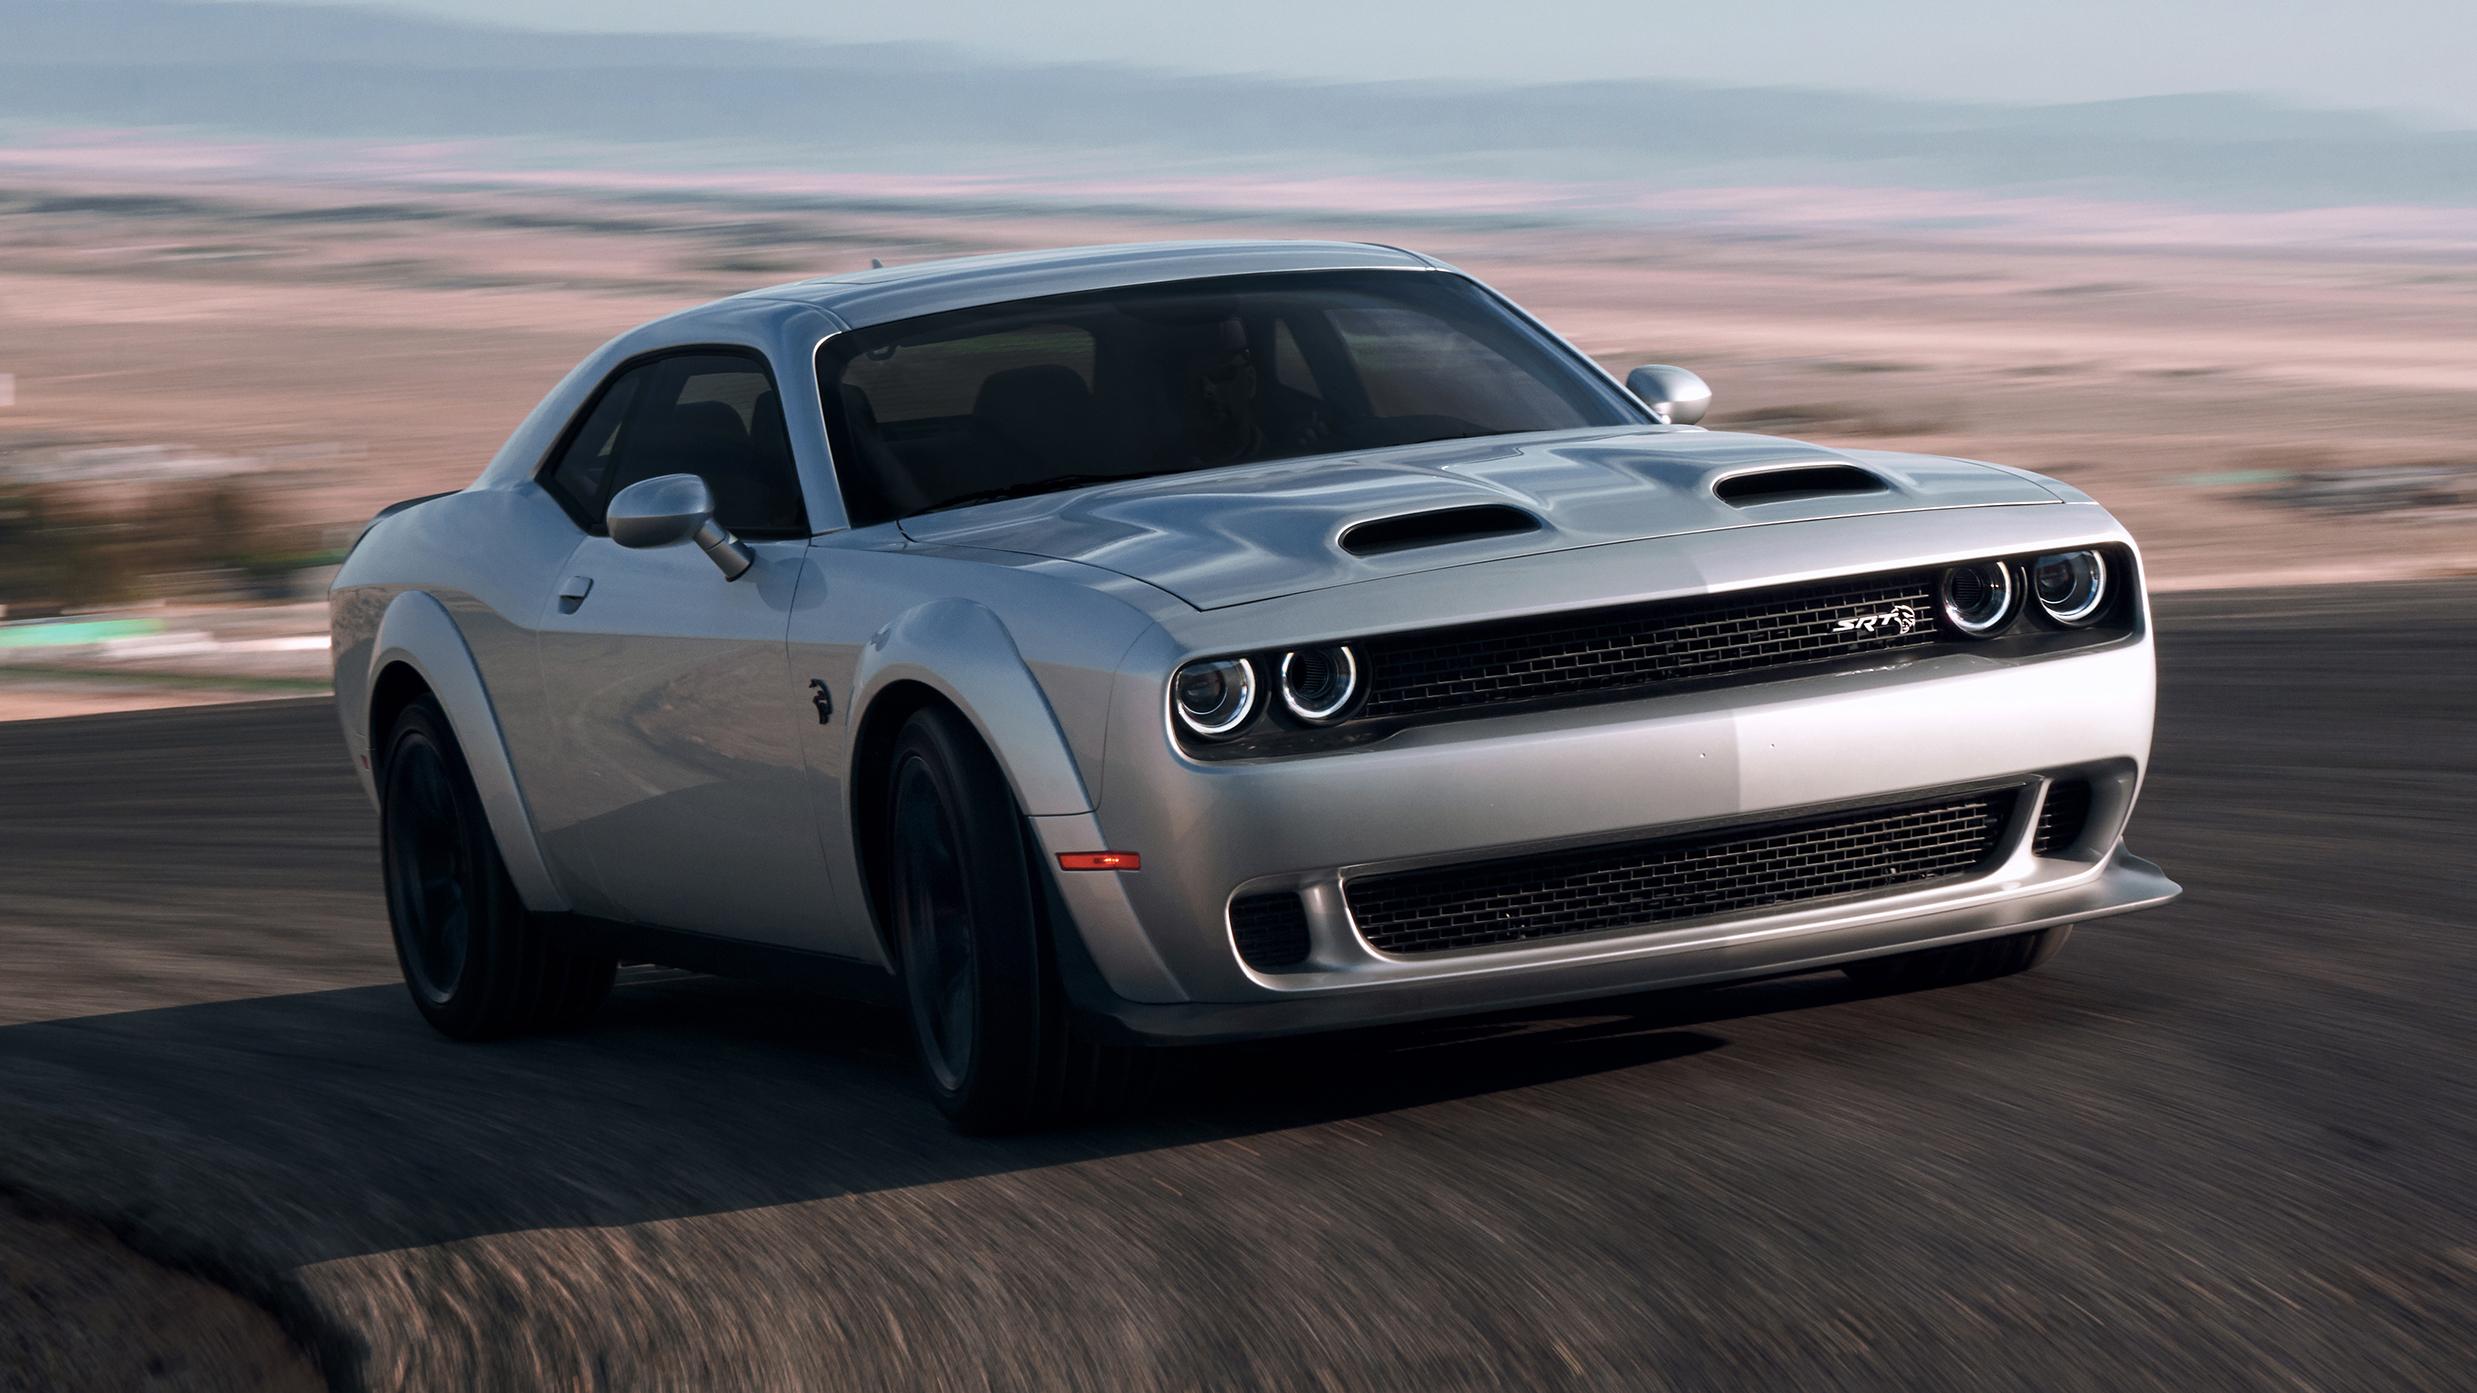 Dodge Challenger Srt Hellcat Redeye Review Top Gear